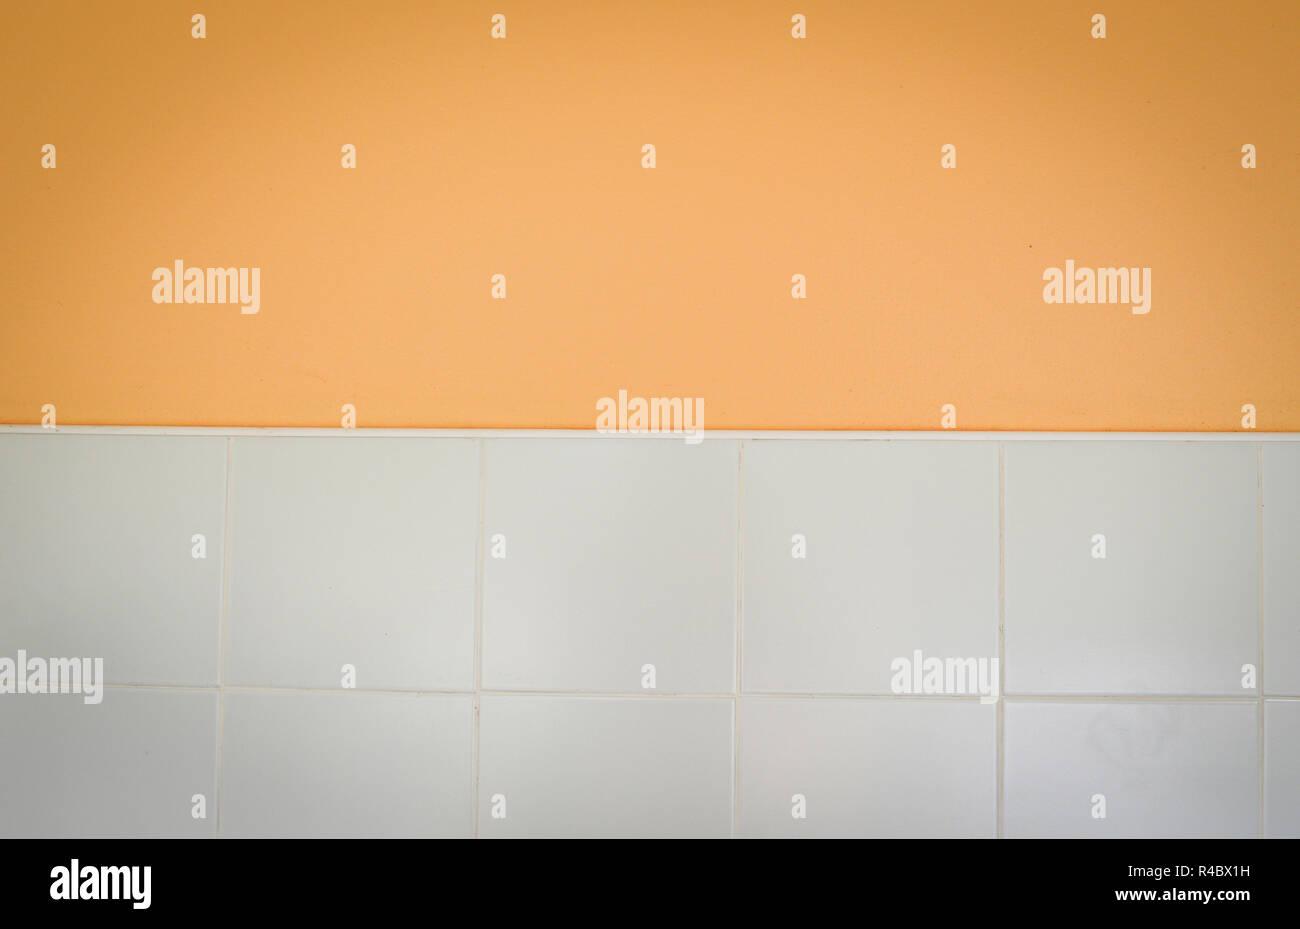 Mezza parete o pavimento sfondo arancione marrone parete vuota e